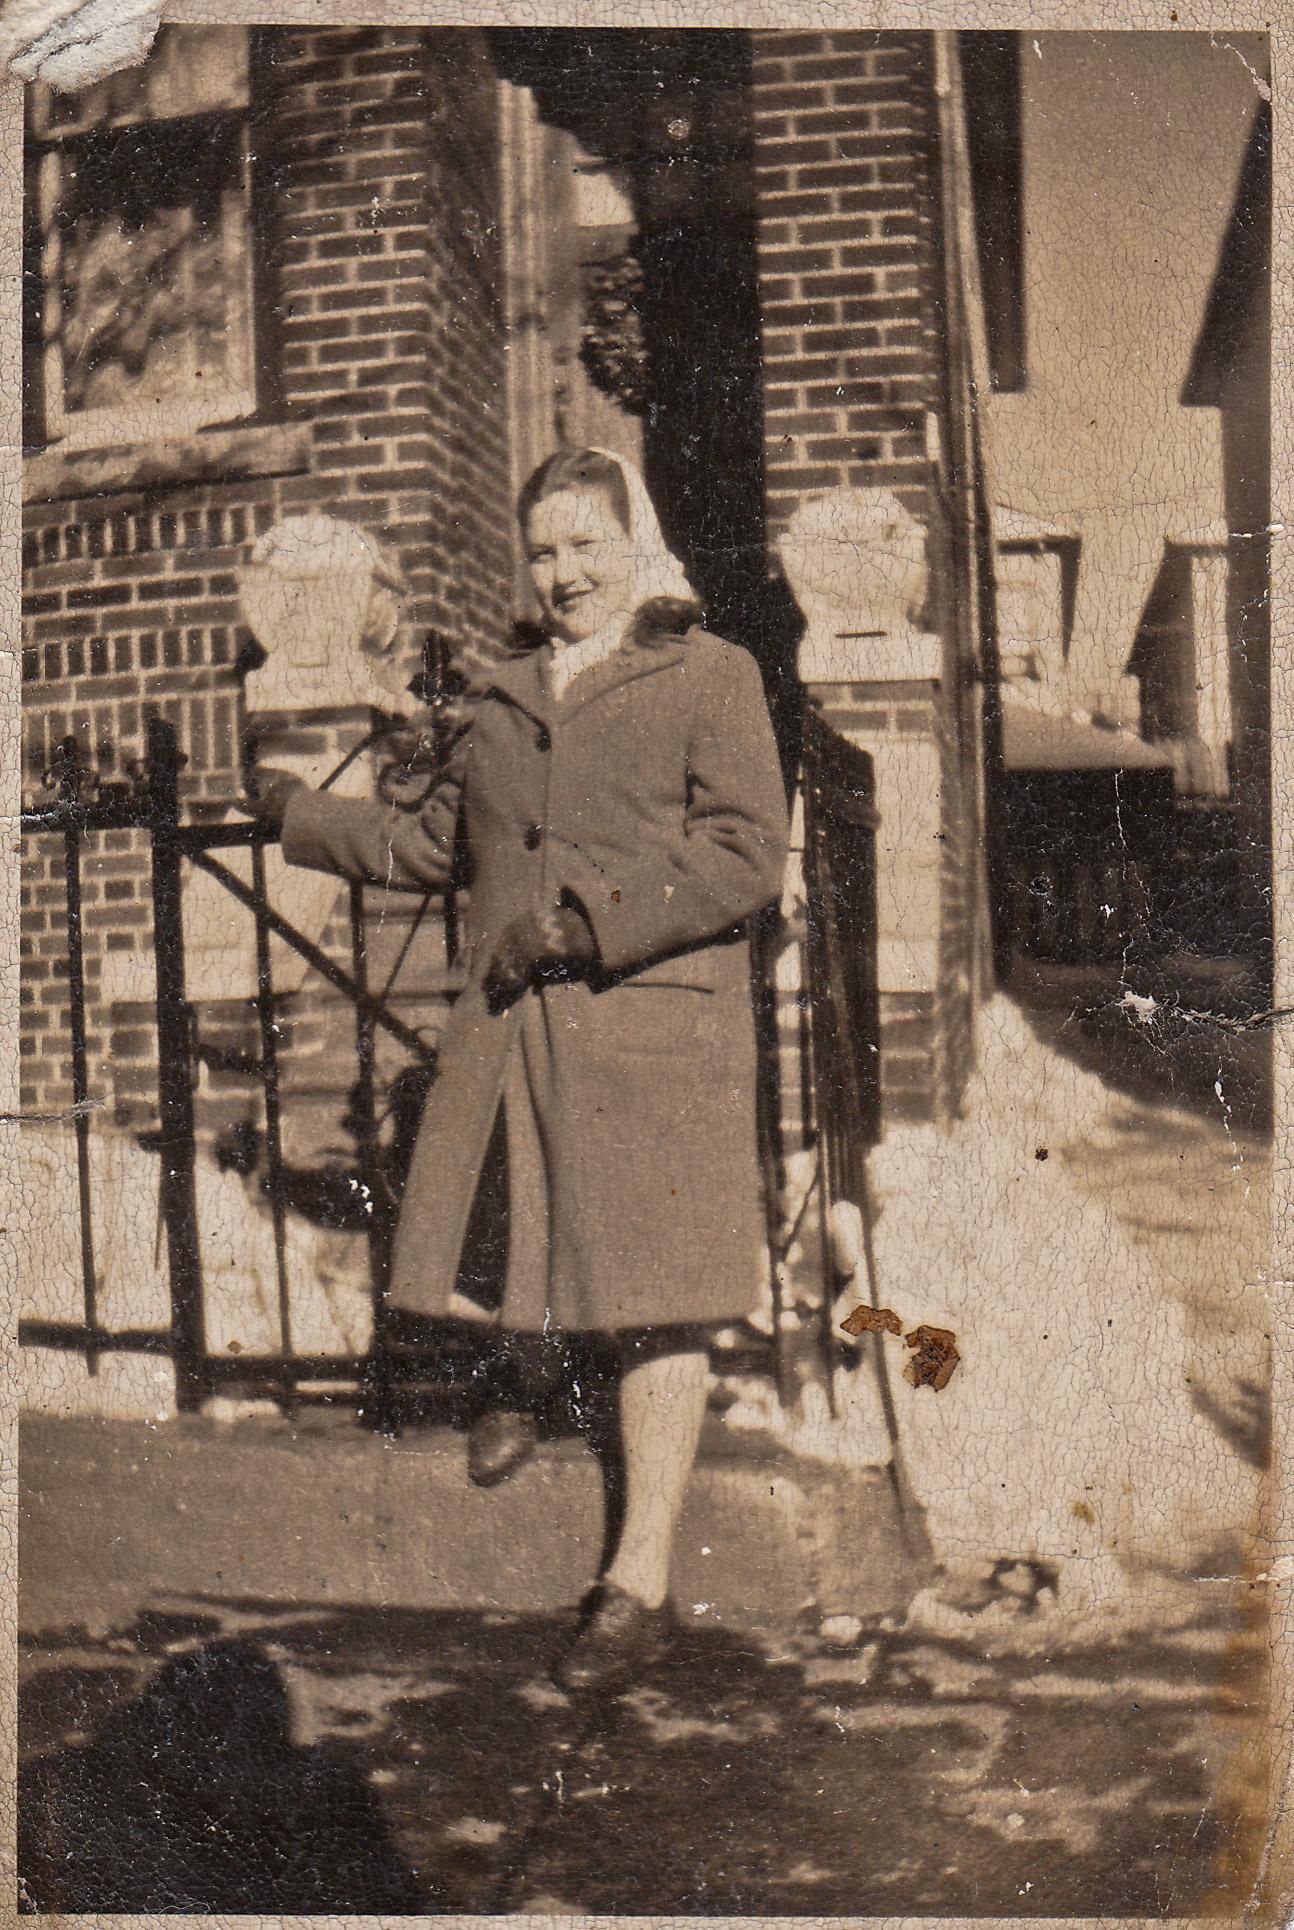 Arlene - Christmas 1945